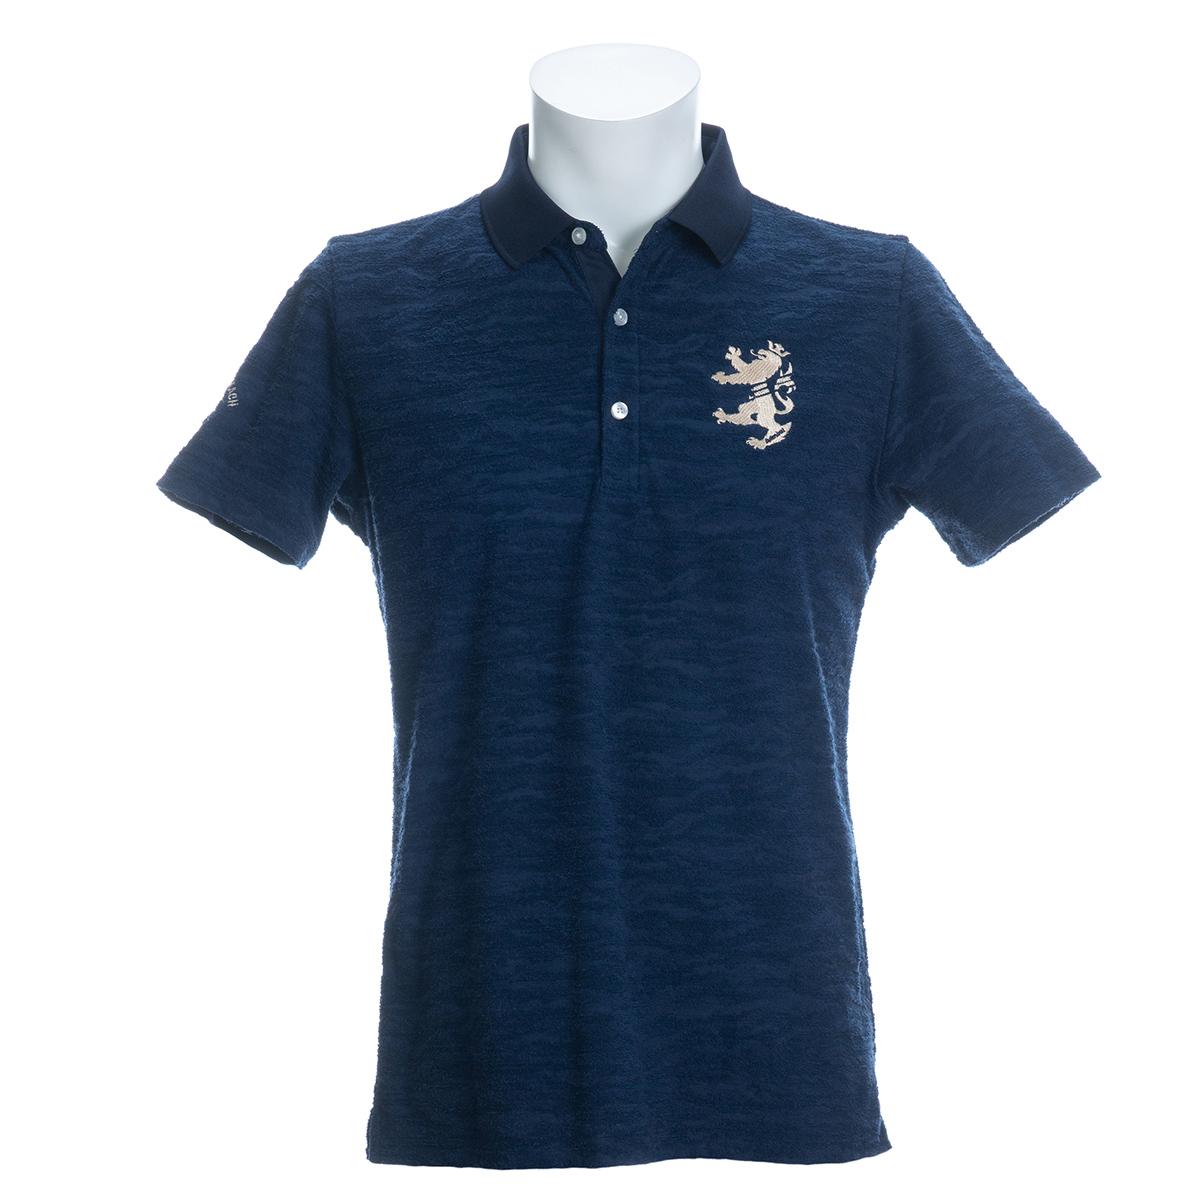 カモパイル 半袖ポロシャツ